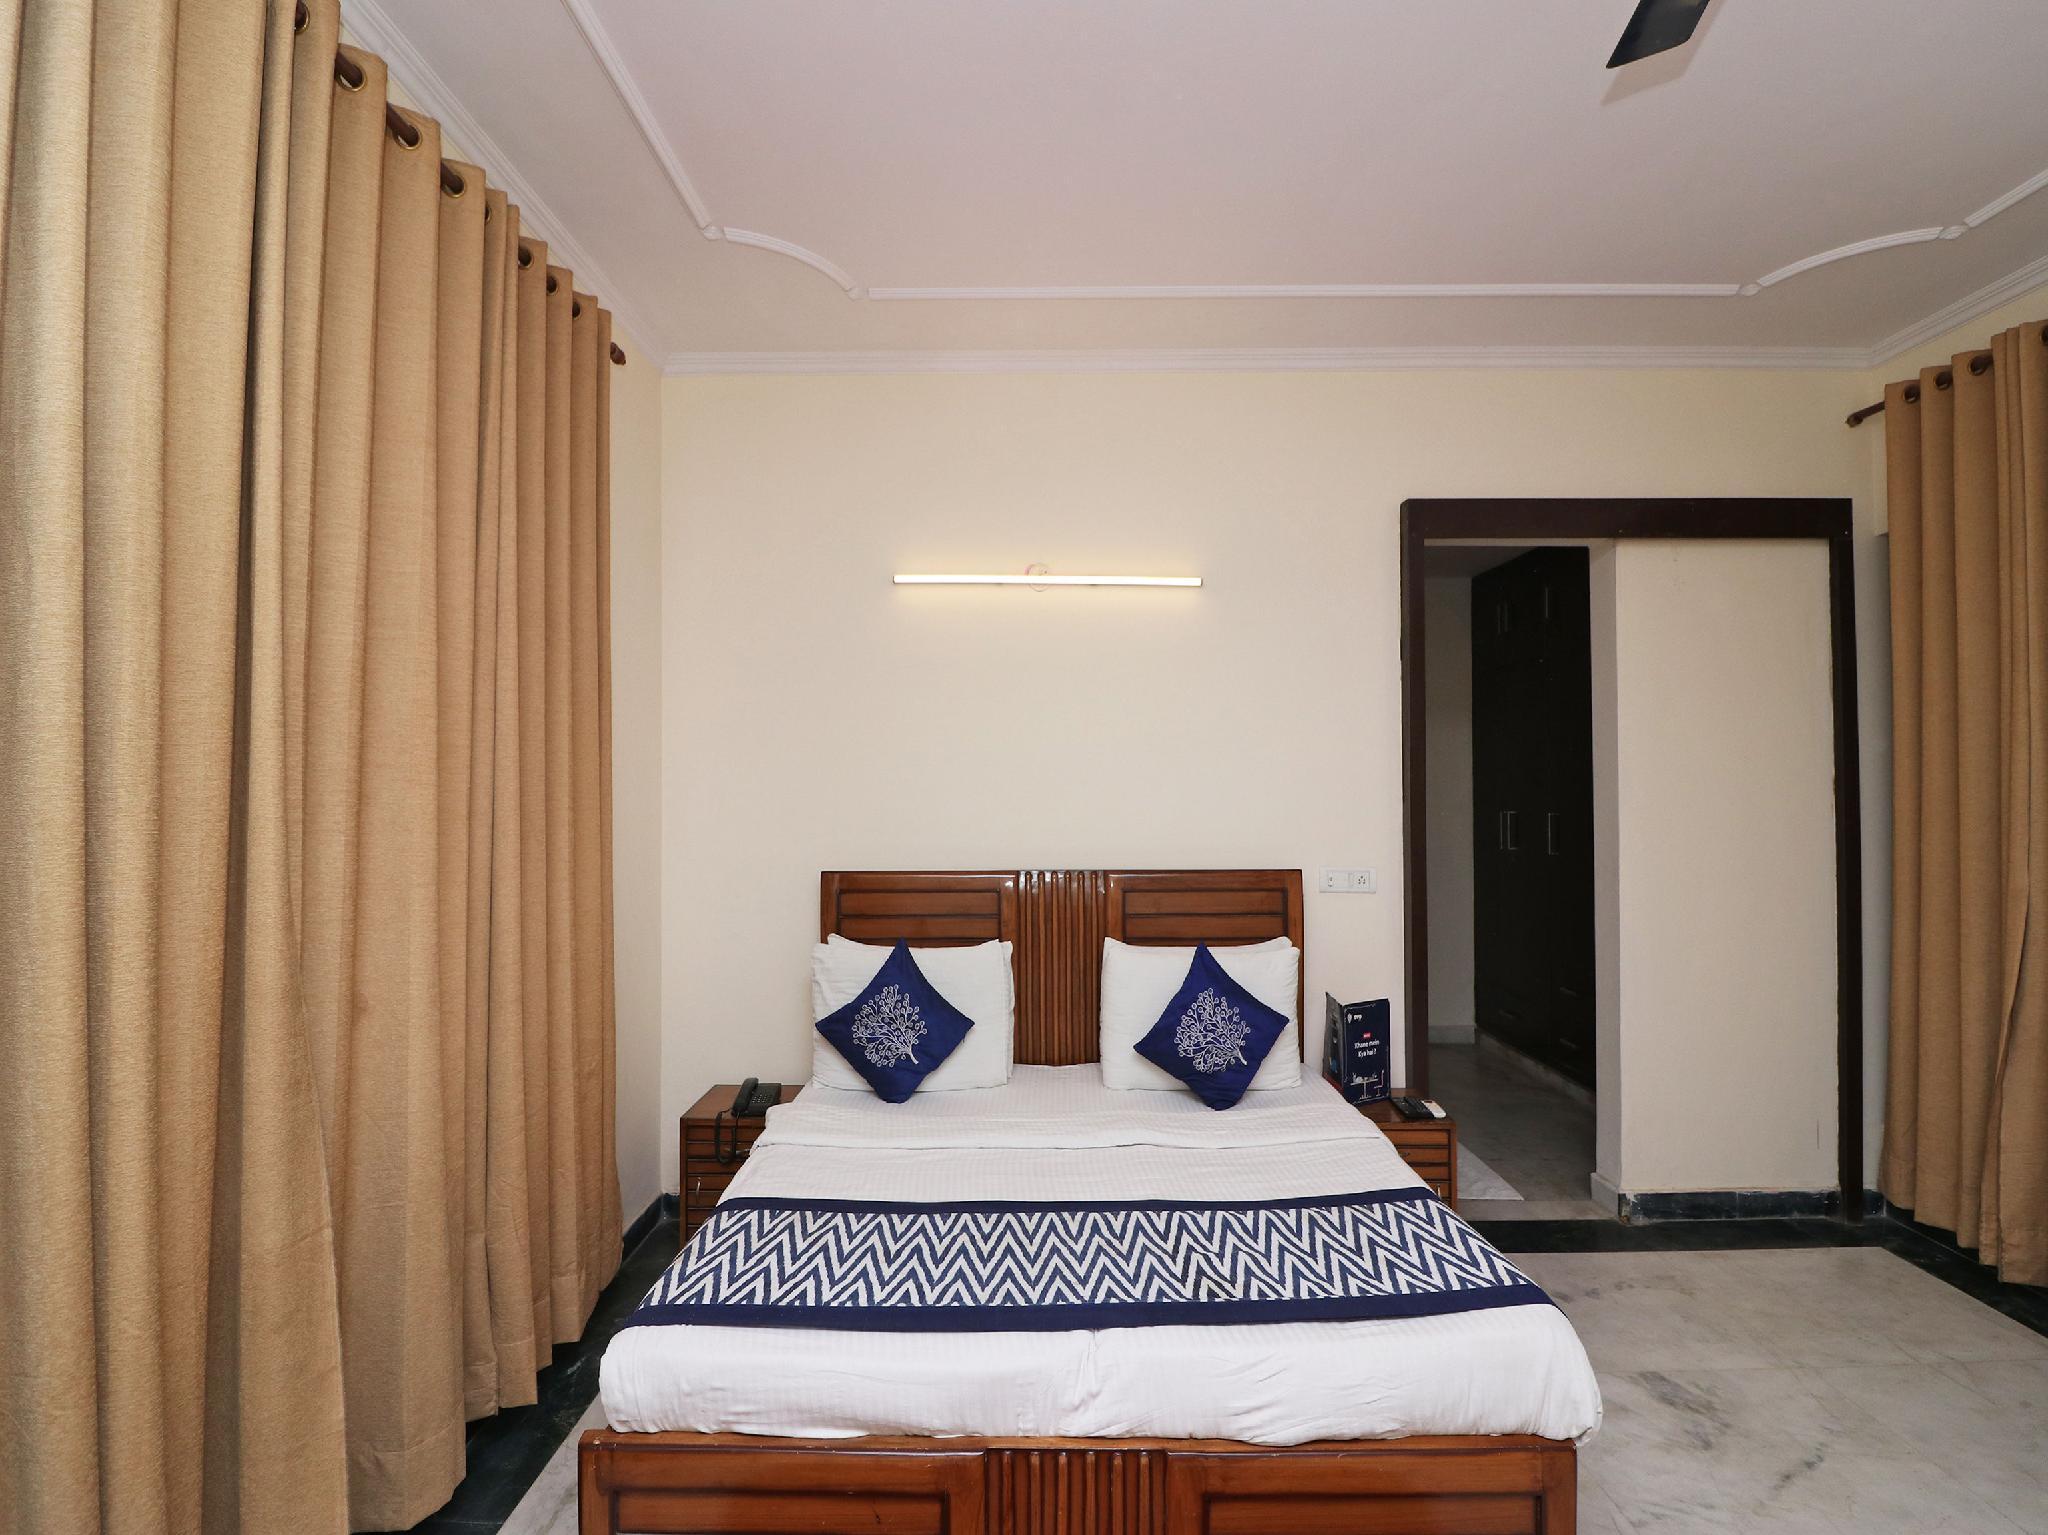 OYO 15202 Kanny Residency, Gautam Buddha Nagar